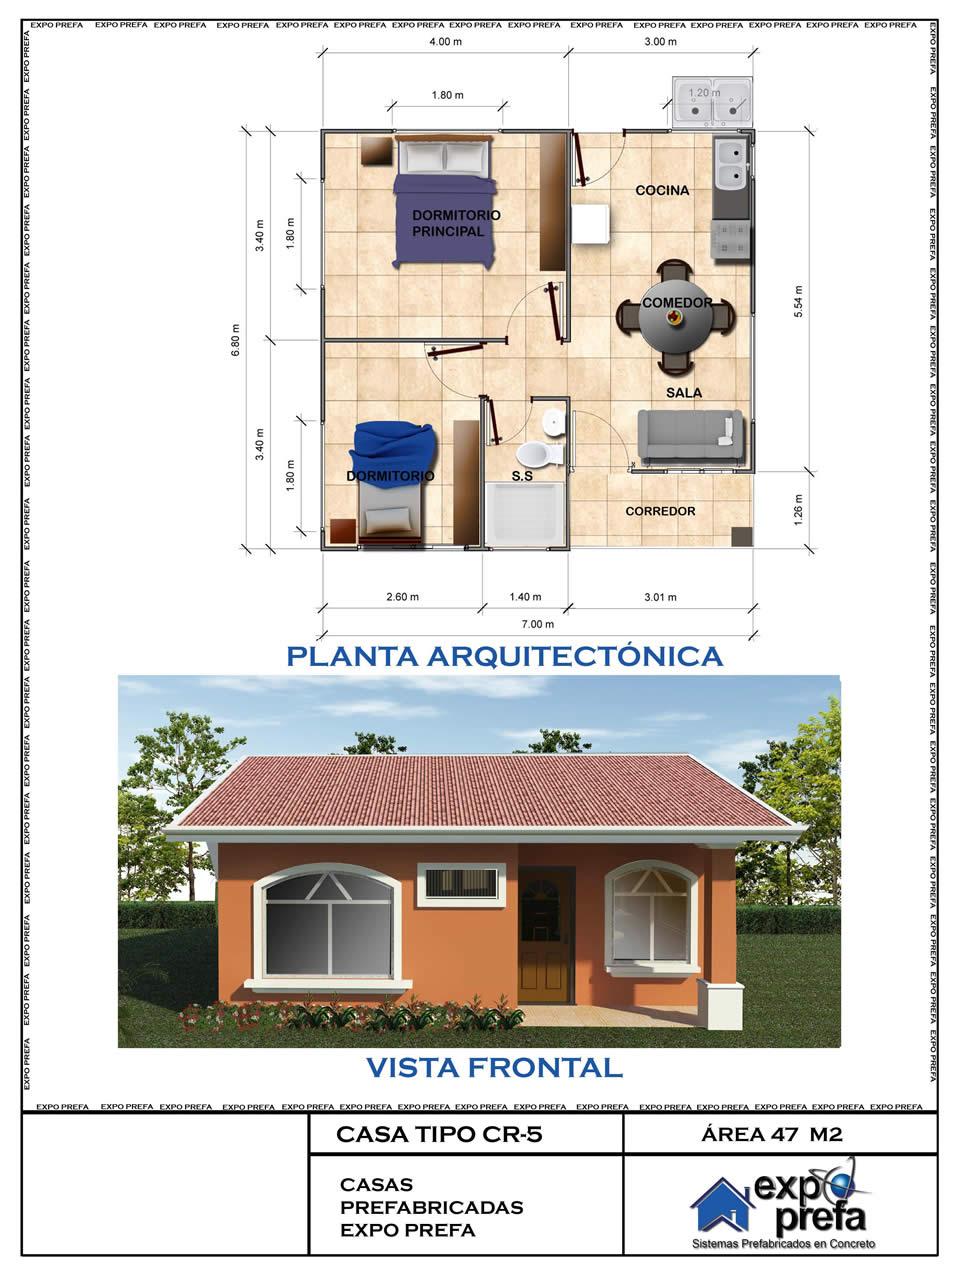 Cat logo de dise os de casas prefabricadas for Casas industrializadas precios y modelos